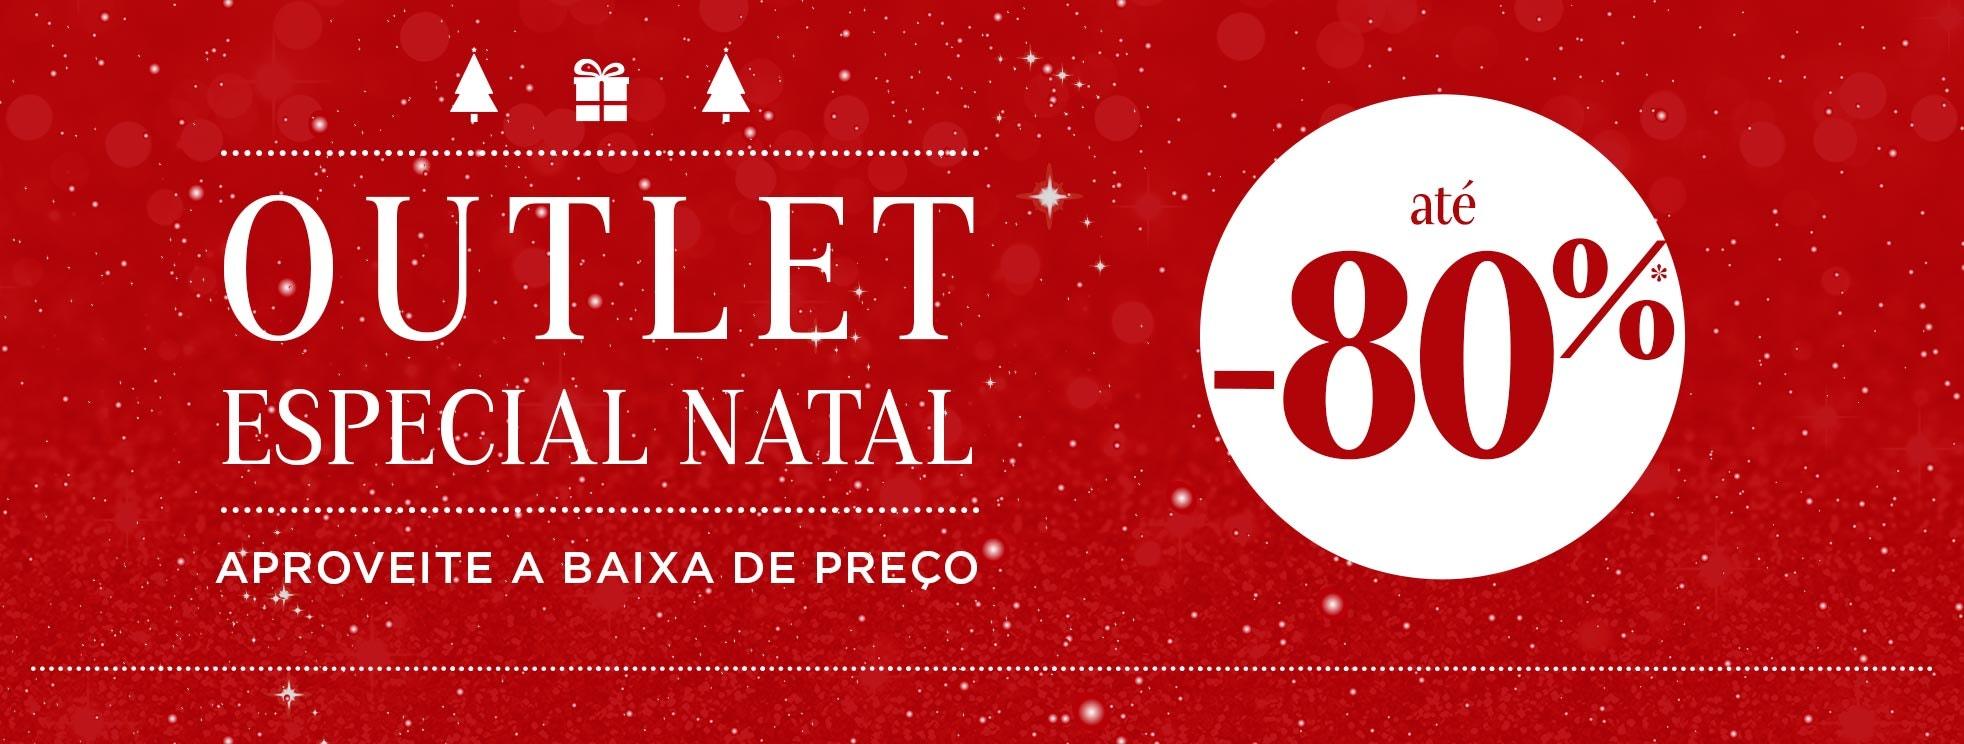 OUTLET ESPECIAL NATAL - Aproveite a baixa de preço - até -80%*